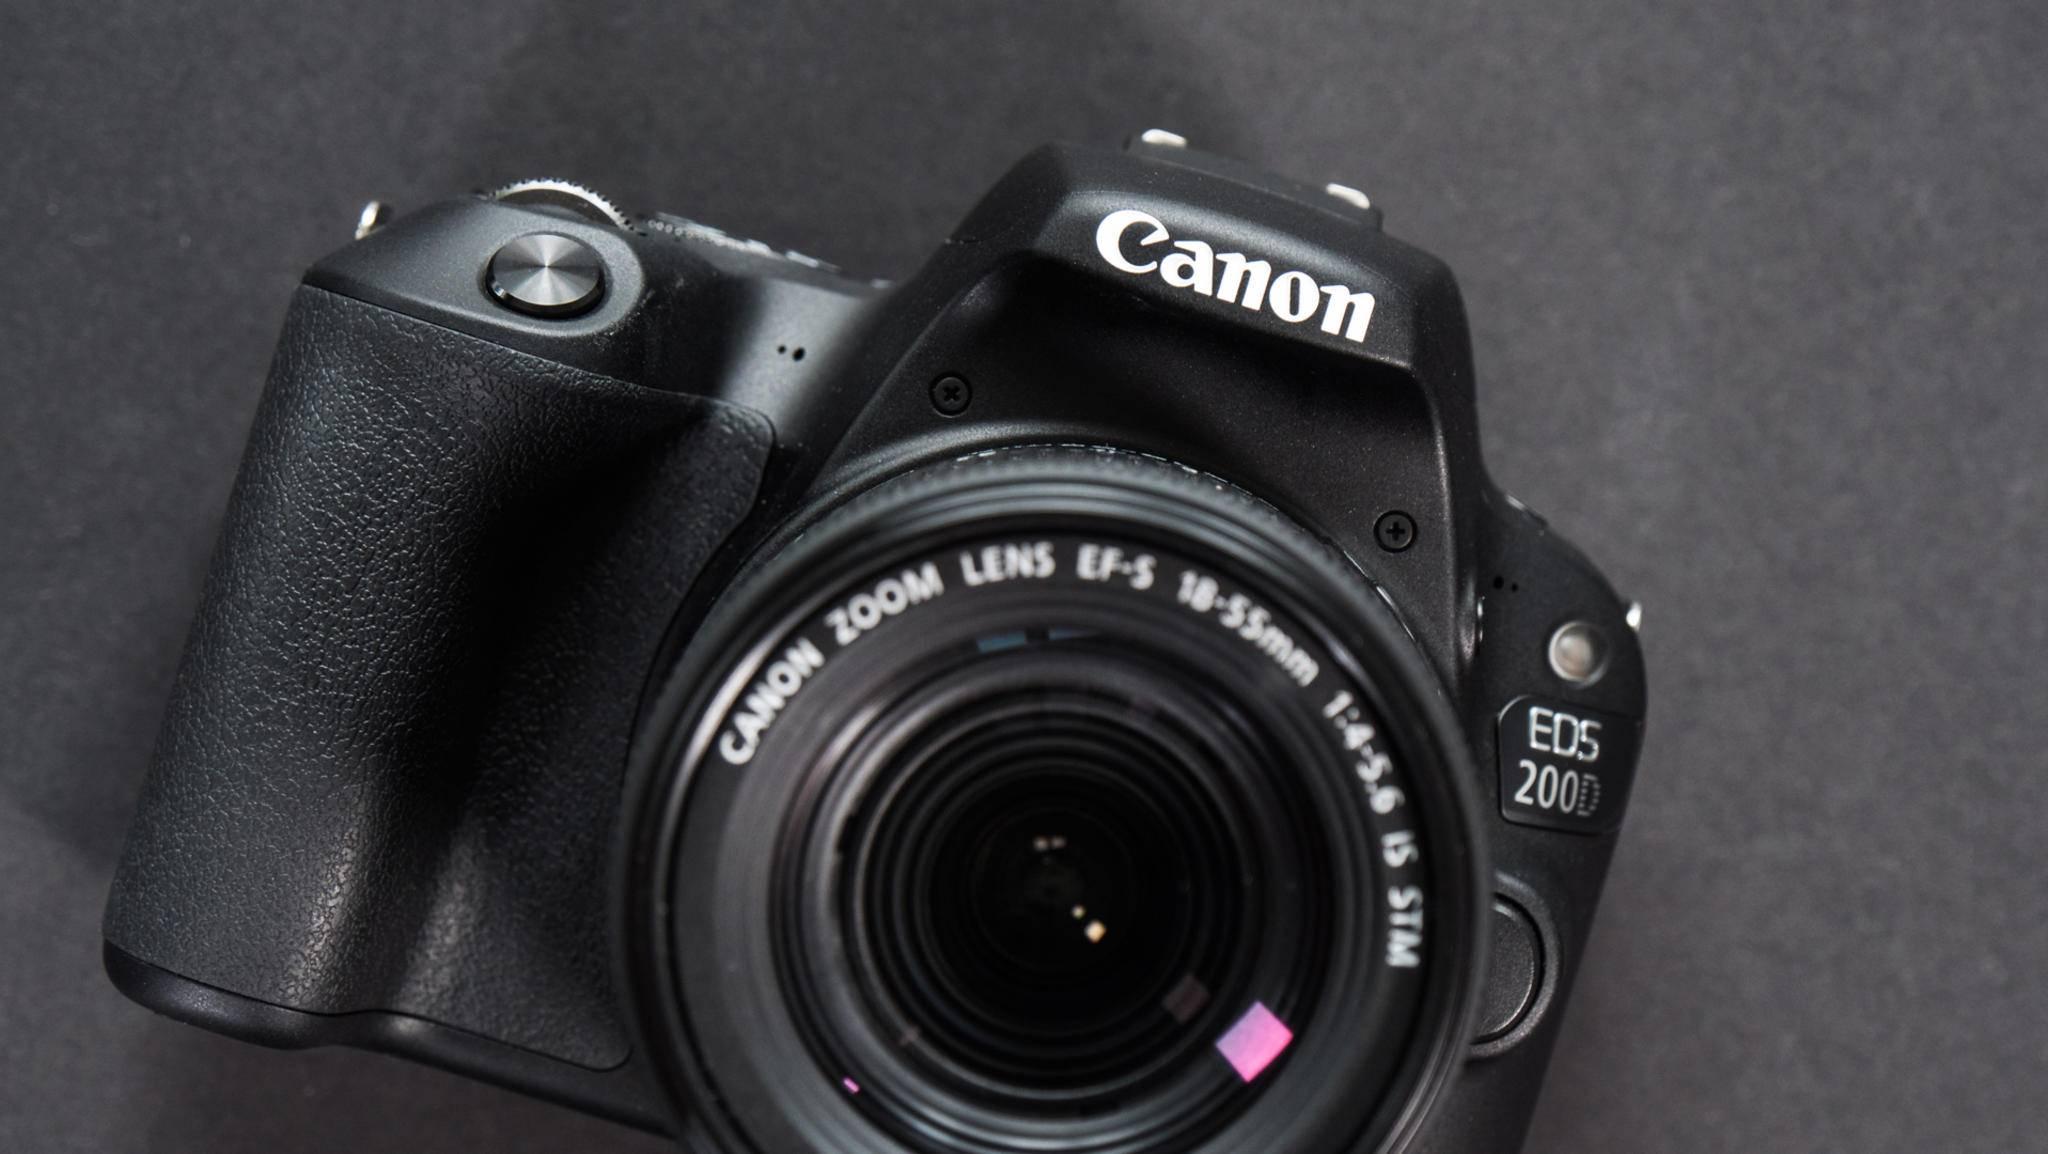 Die Canon EOS 200D richtet sich vornehmlich an Einsteiger.